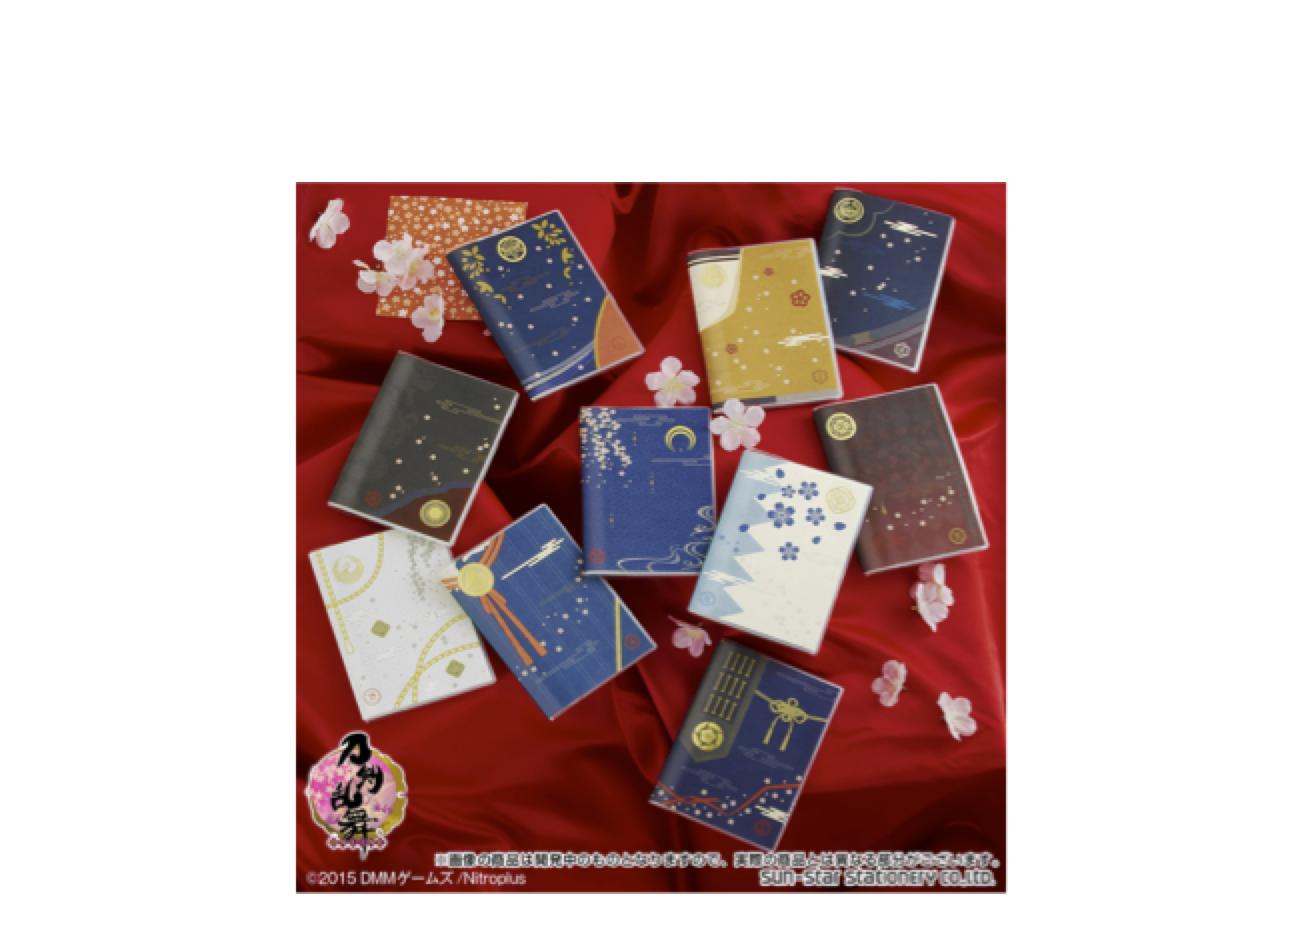 【とうらぶファン垂涎!】「刀剣乱舞-ONLINE-」の「2016年 手帳」が限定販売で登場!!